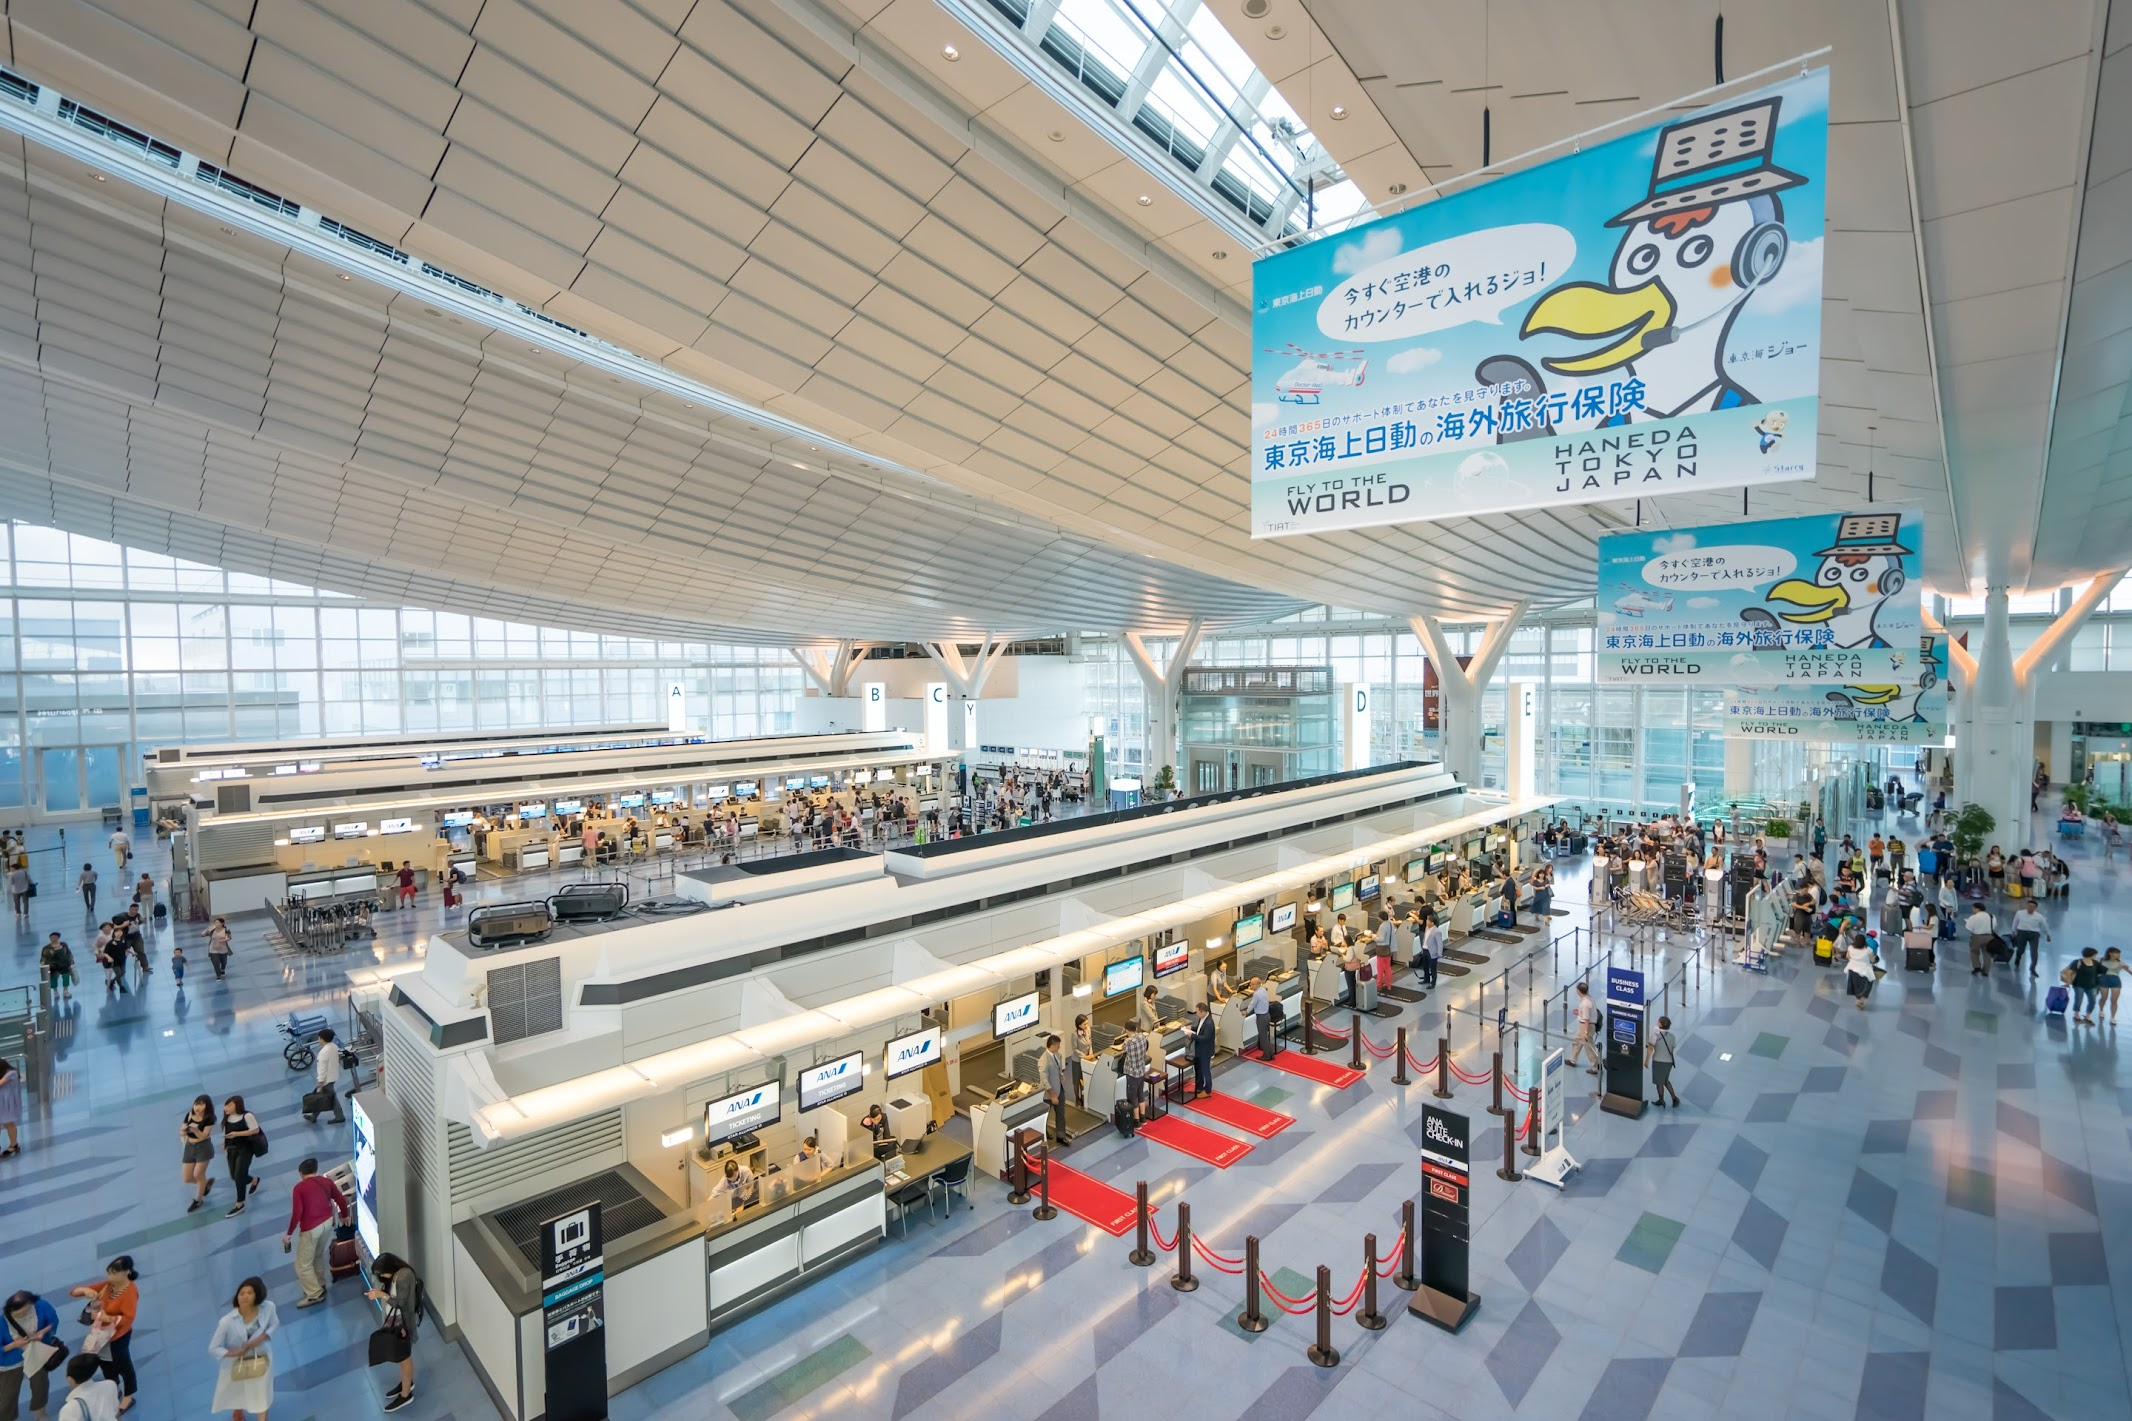 羽田空港 国際線ターミナル1